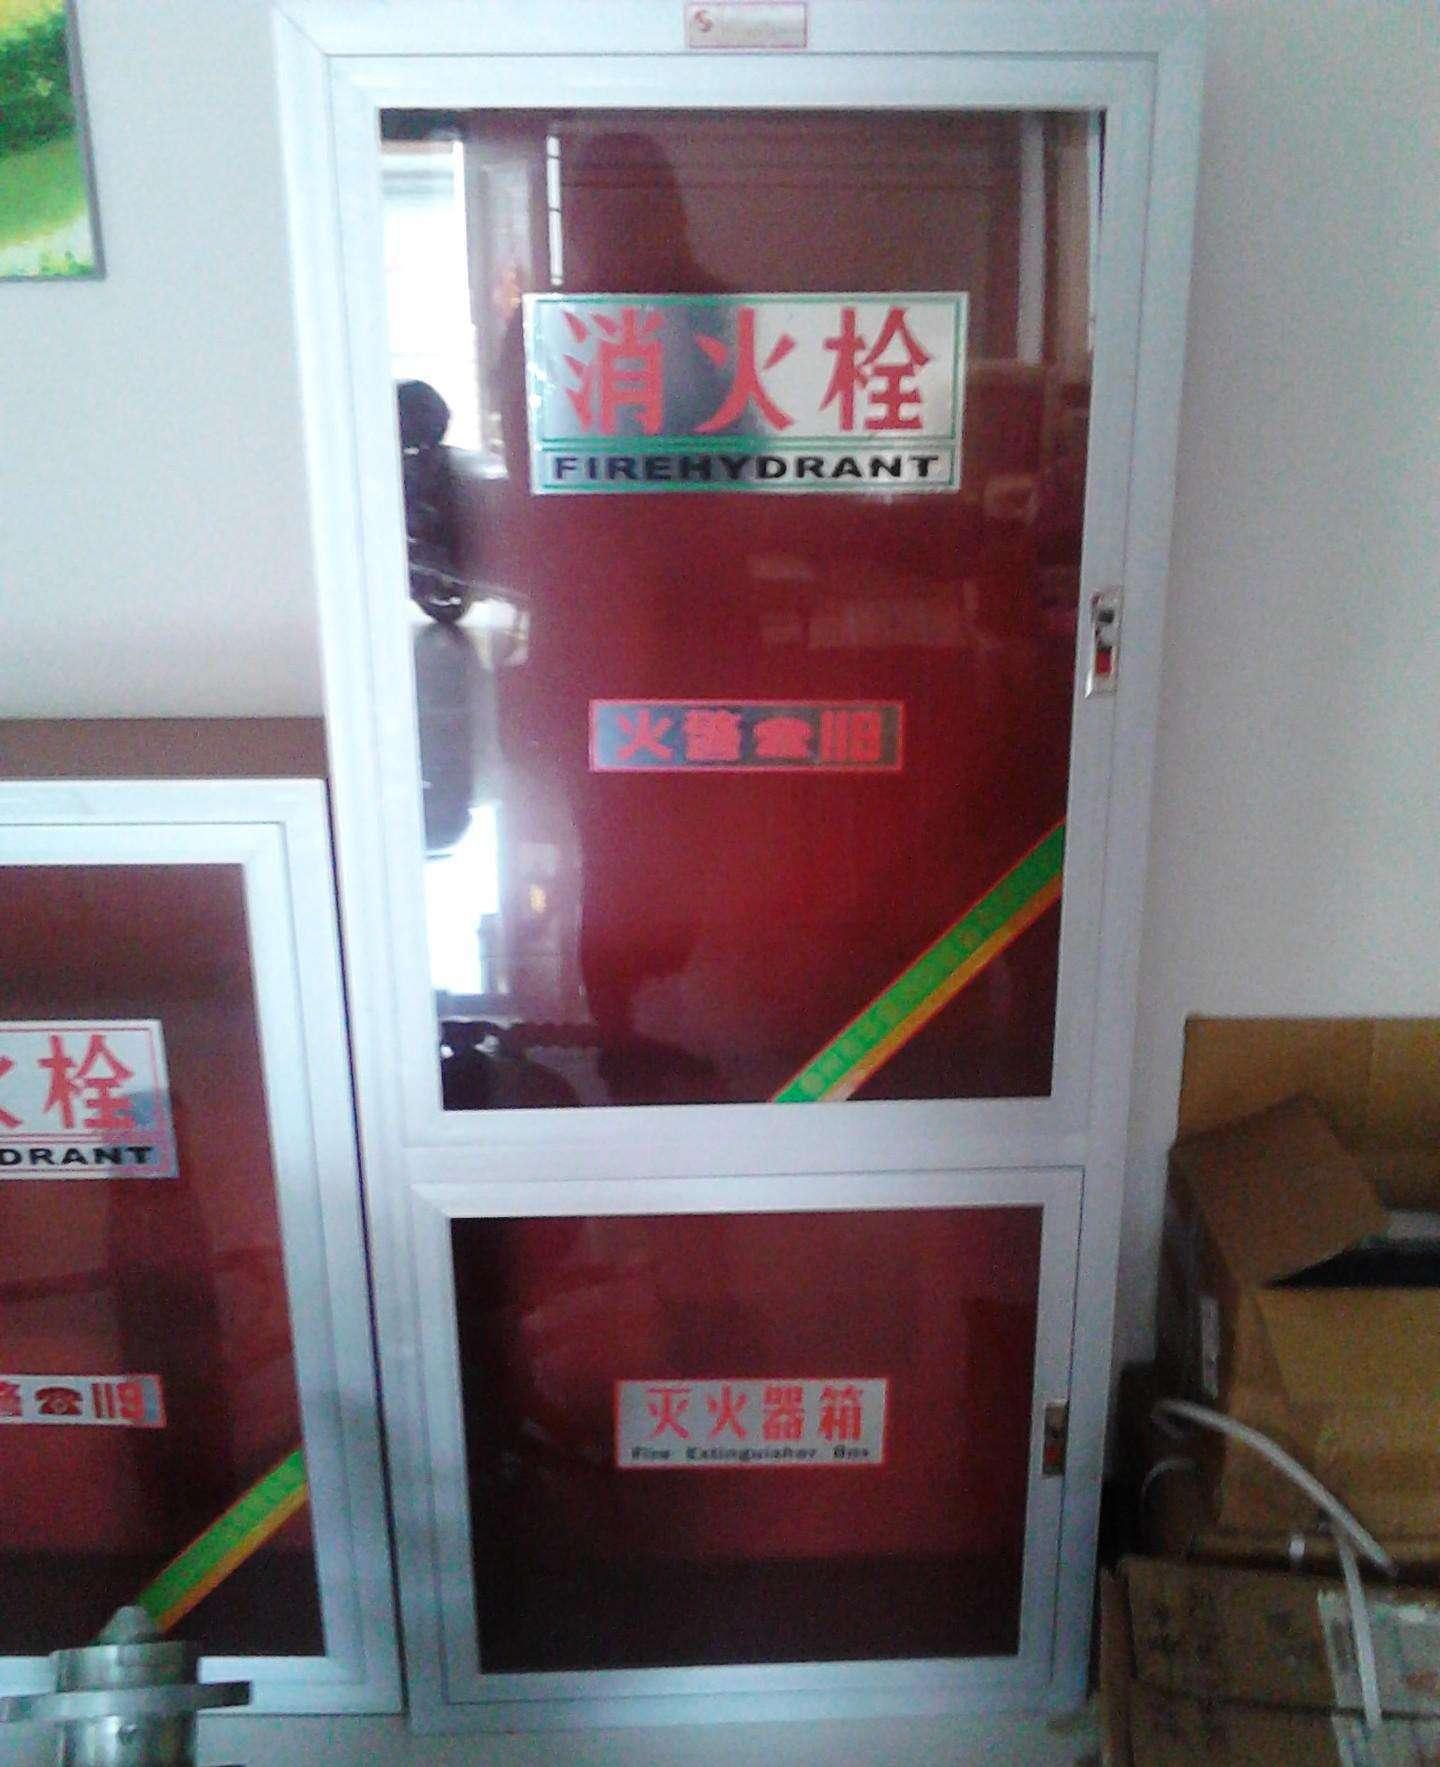 高邮消防器材厂家依照国标生产800*650型号消防箱室内消火栓箱